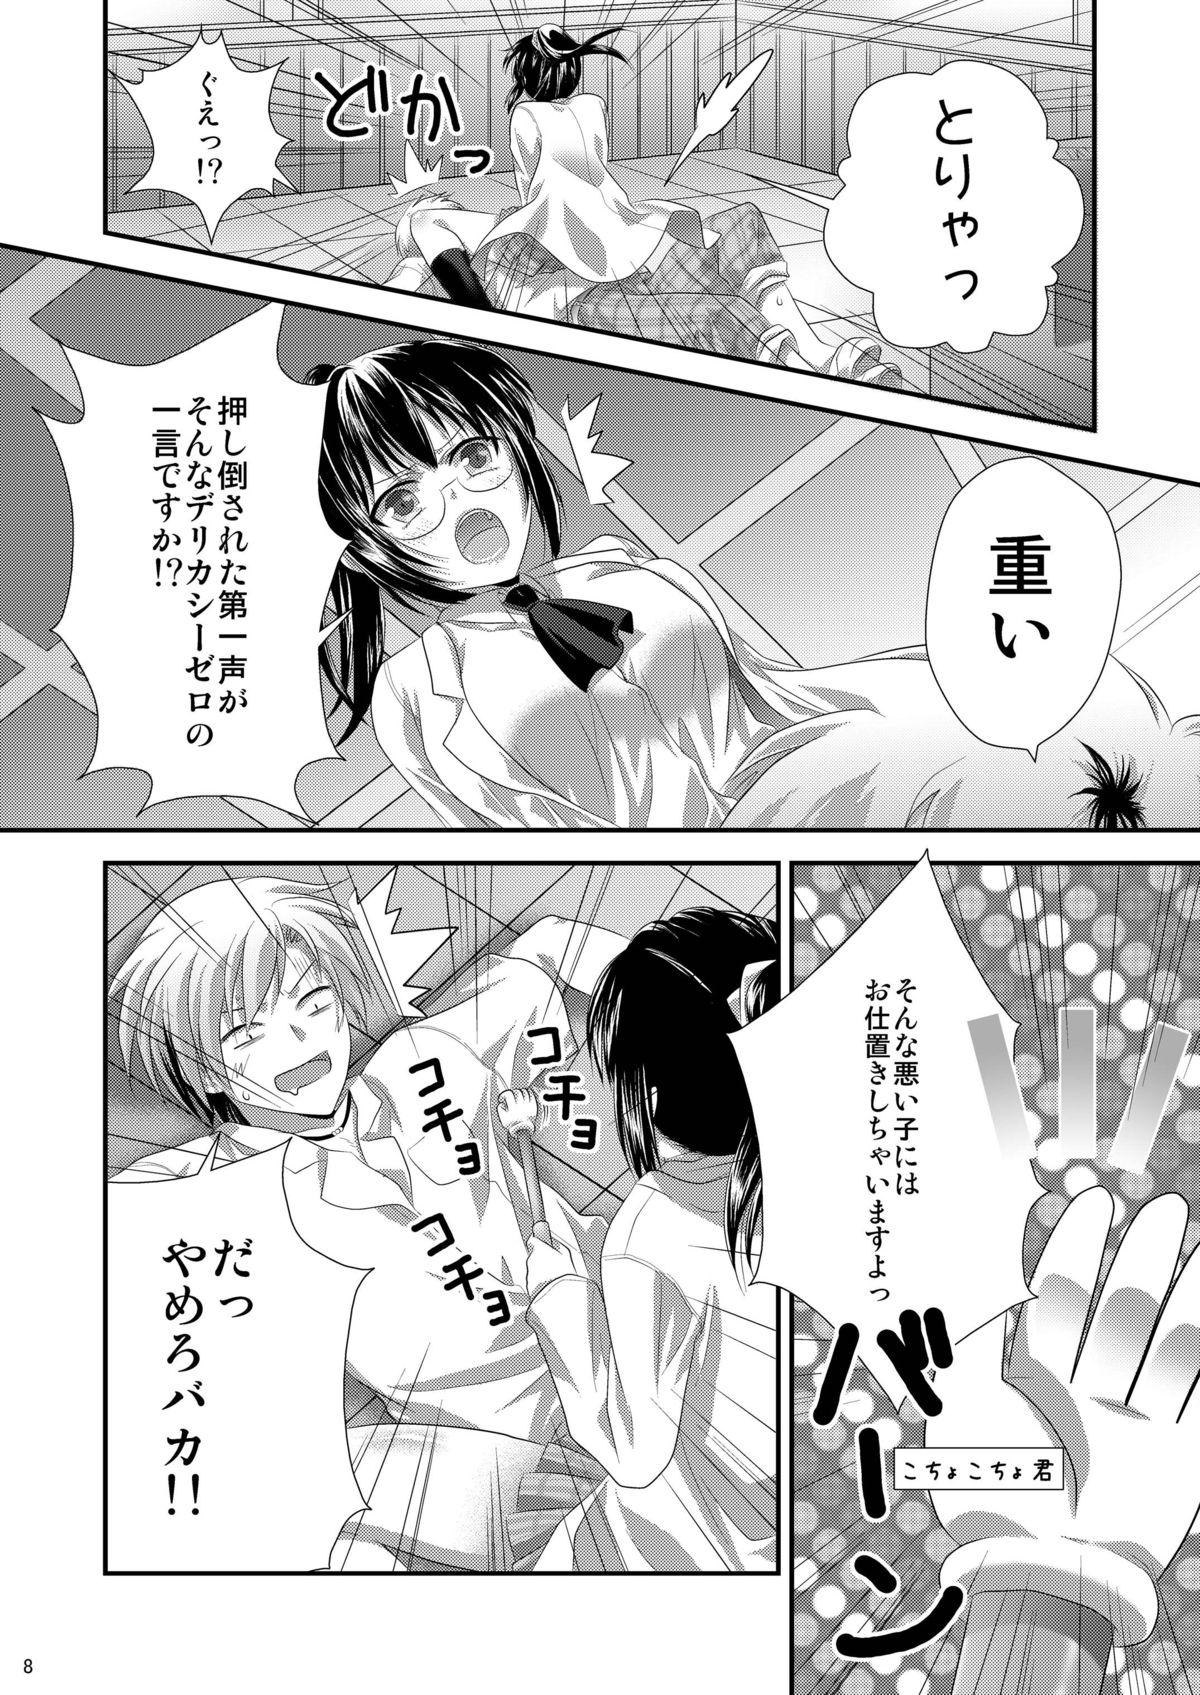 Ri wa Risou no Ri Ka wa Kagaku no Ka 6